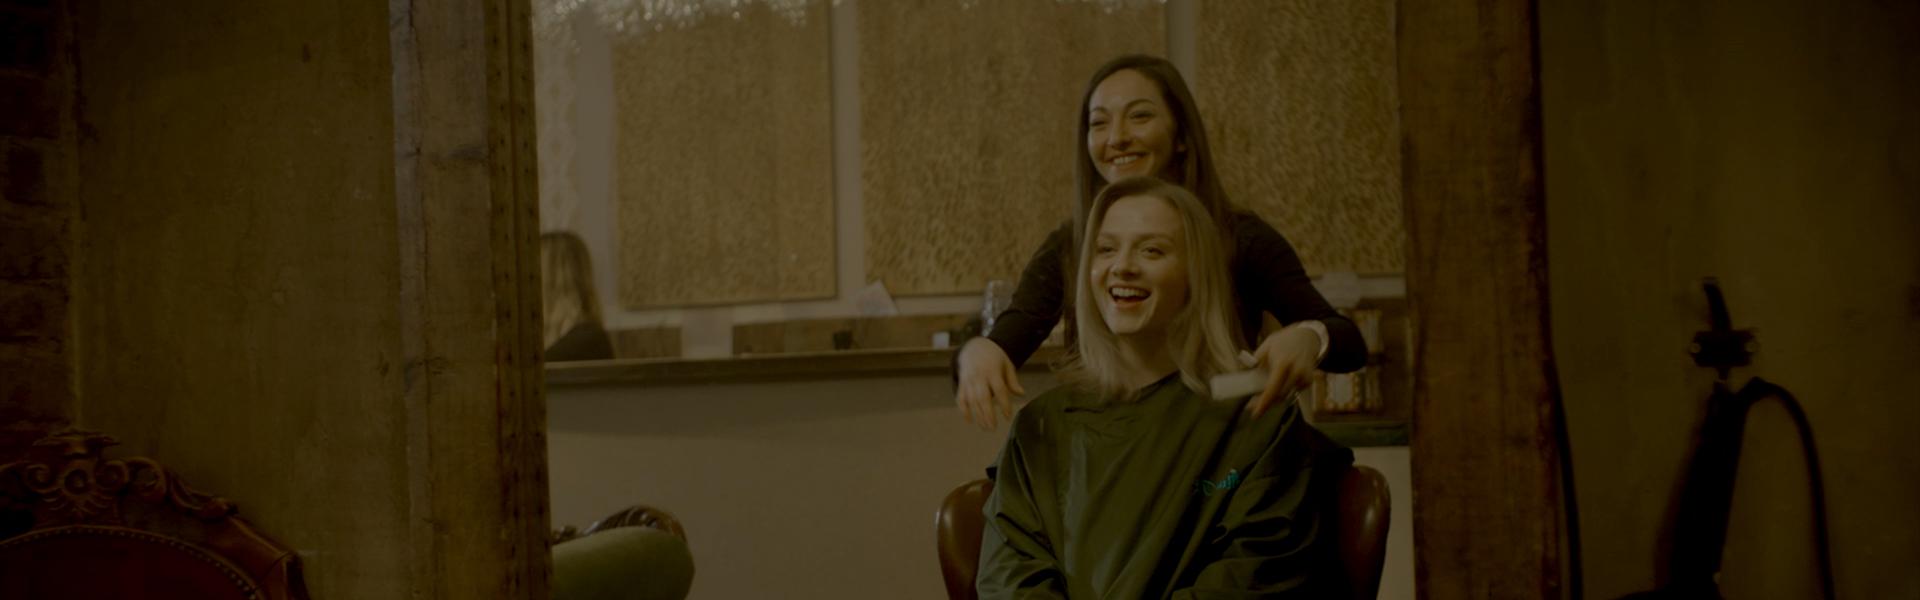 Dve ženski v frizerskem salonu